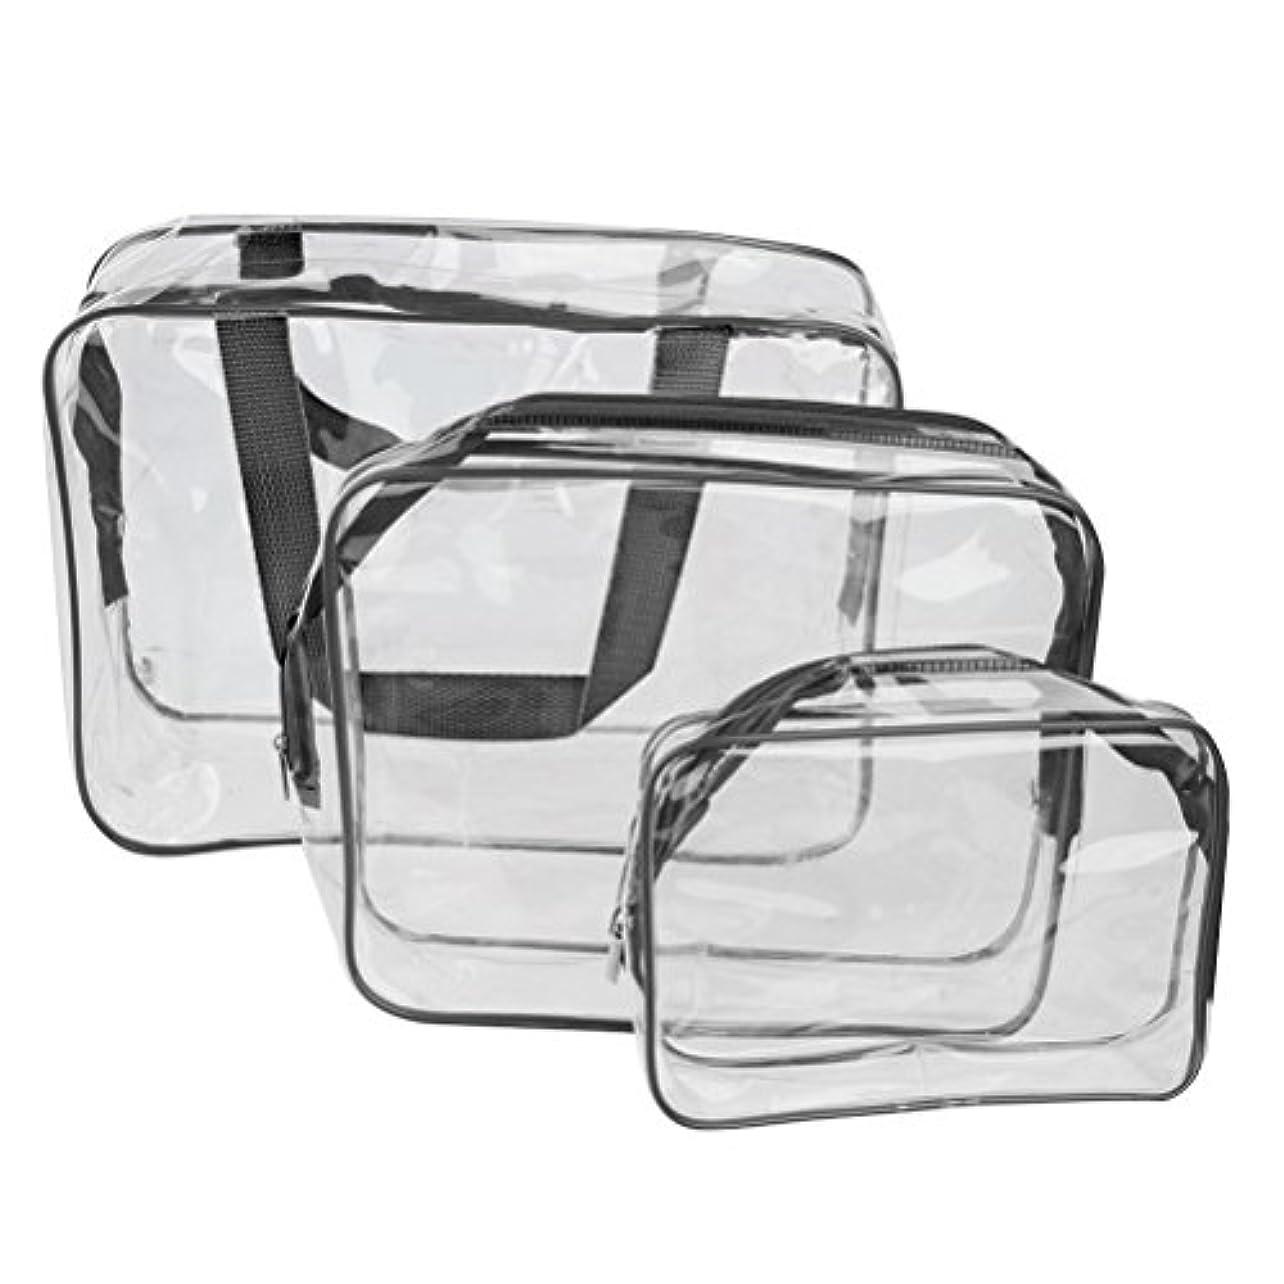 中性敬意ディプロマROSENICE 旅行出張用 透明化粧品バッグ ブラック